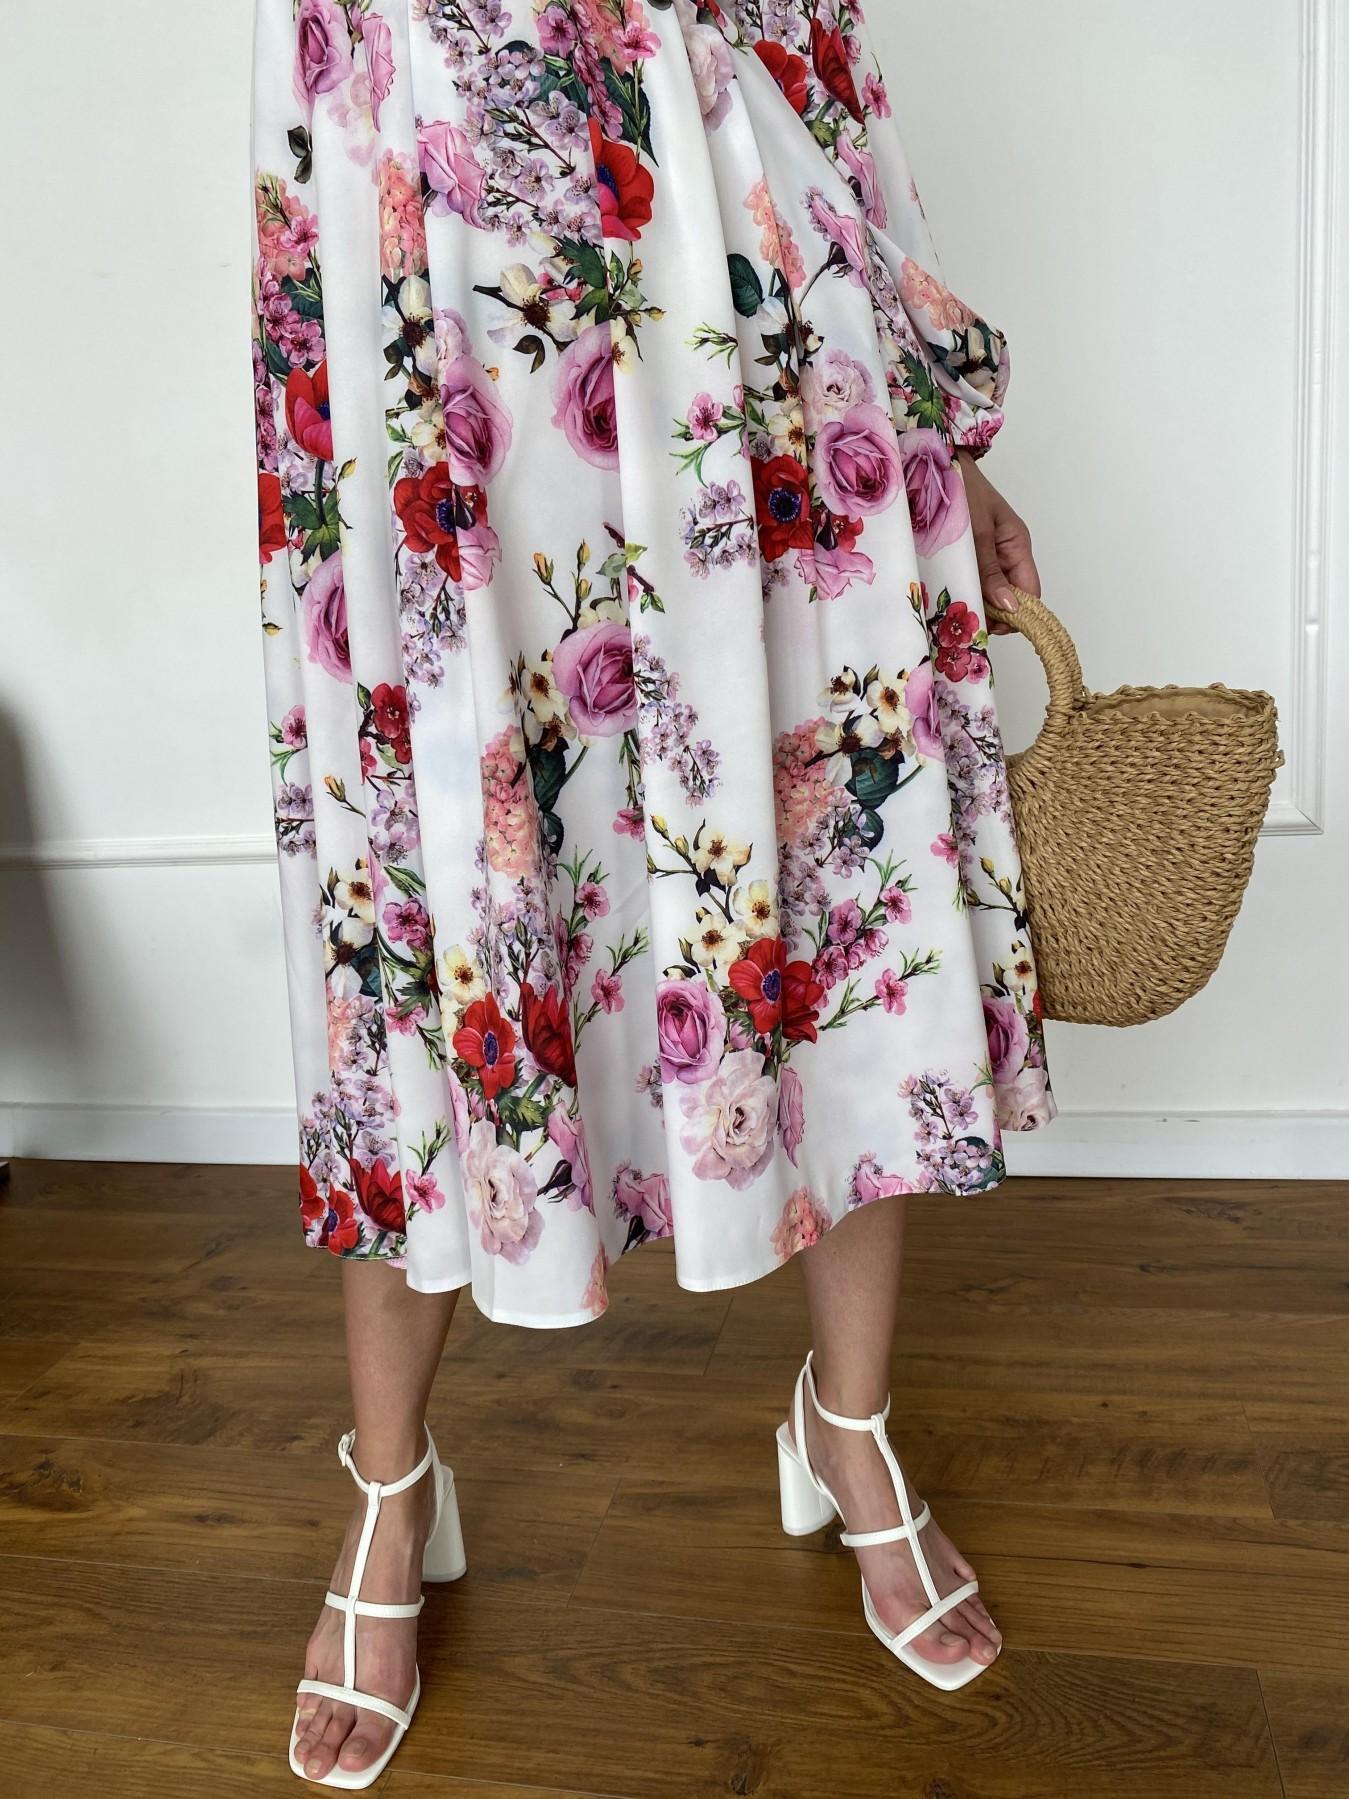 Натали платье софт принт бистрейч 11196 АРТ. 47830 Цвет: ВесенБукетМол/Роз/Крас - фото 5, интернет магазин tm-modus.ru